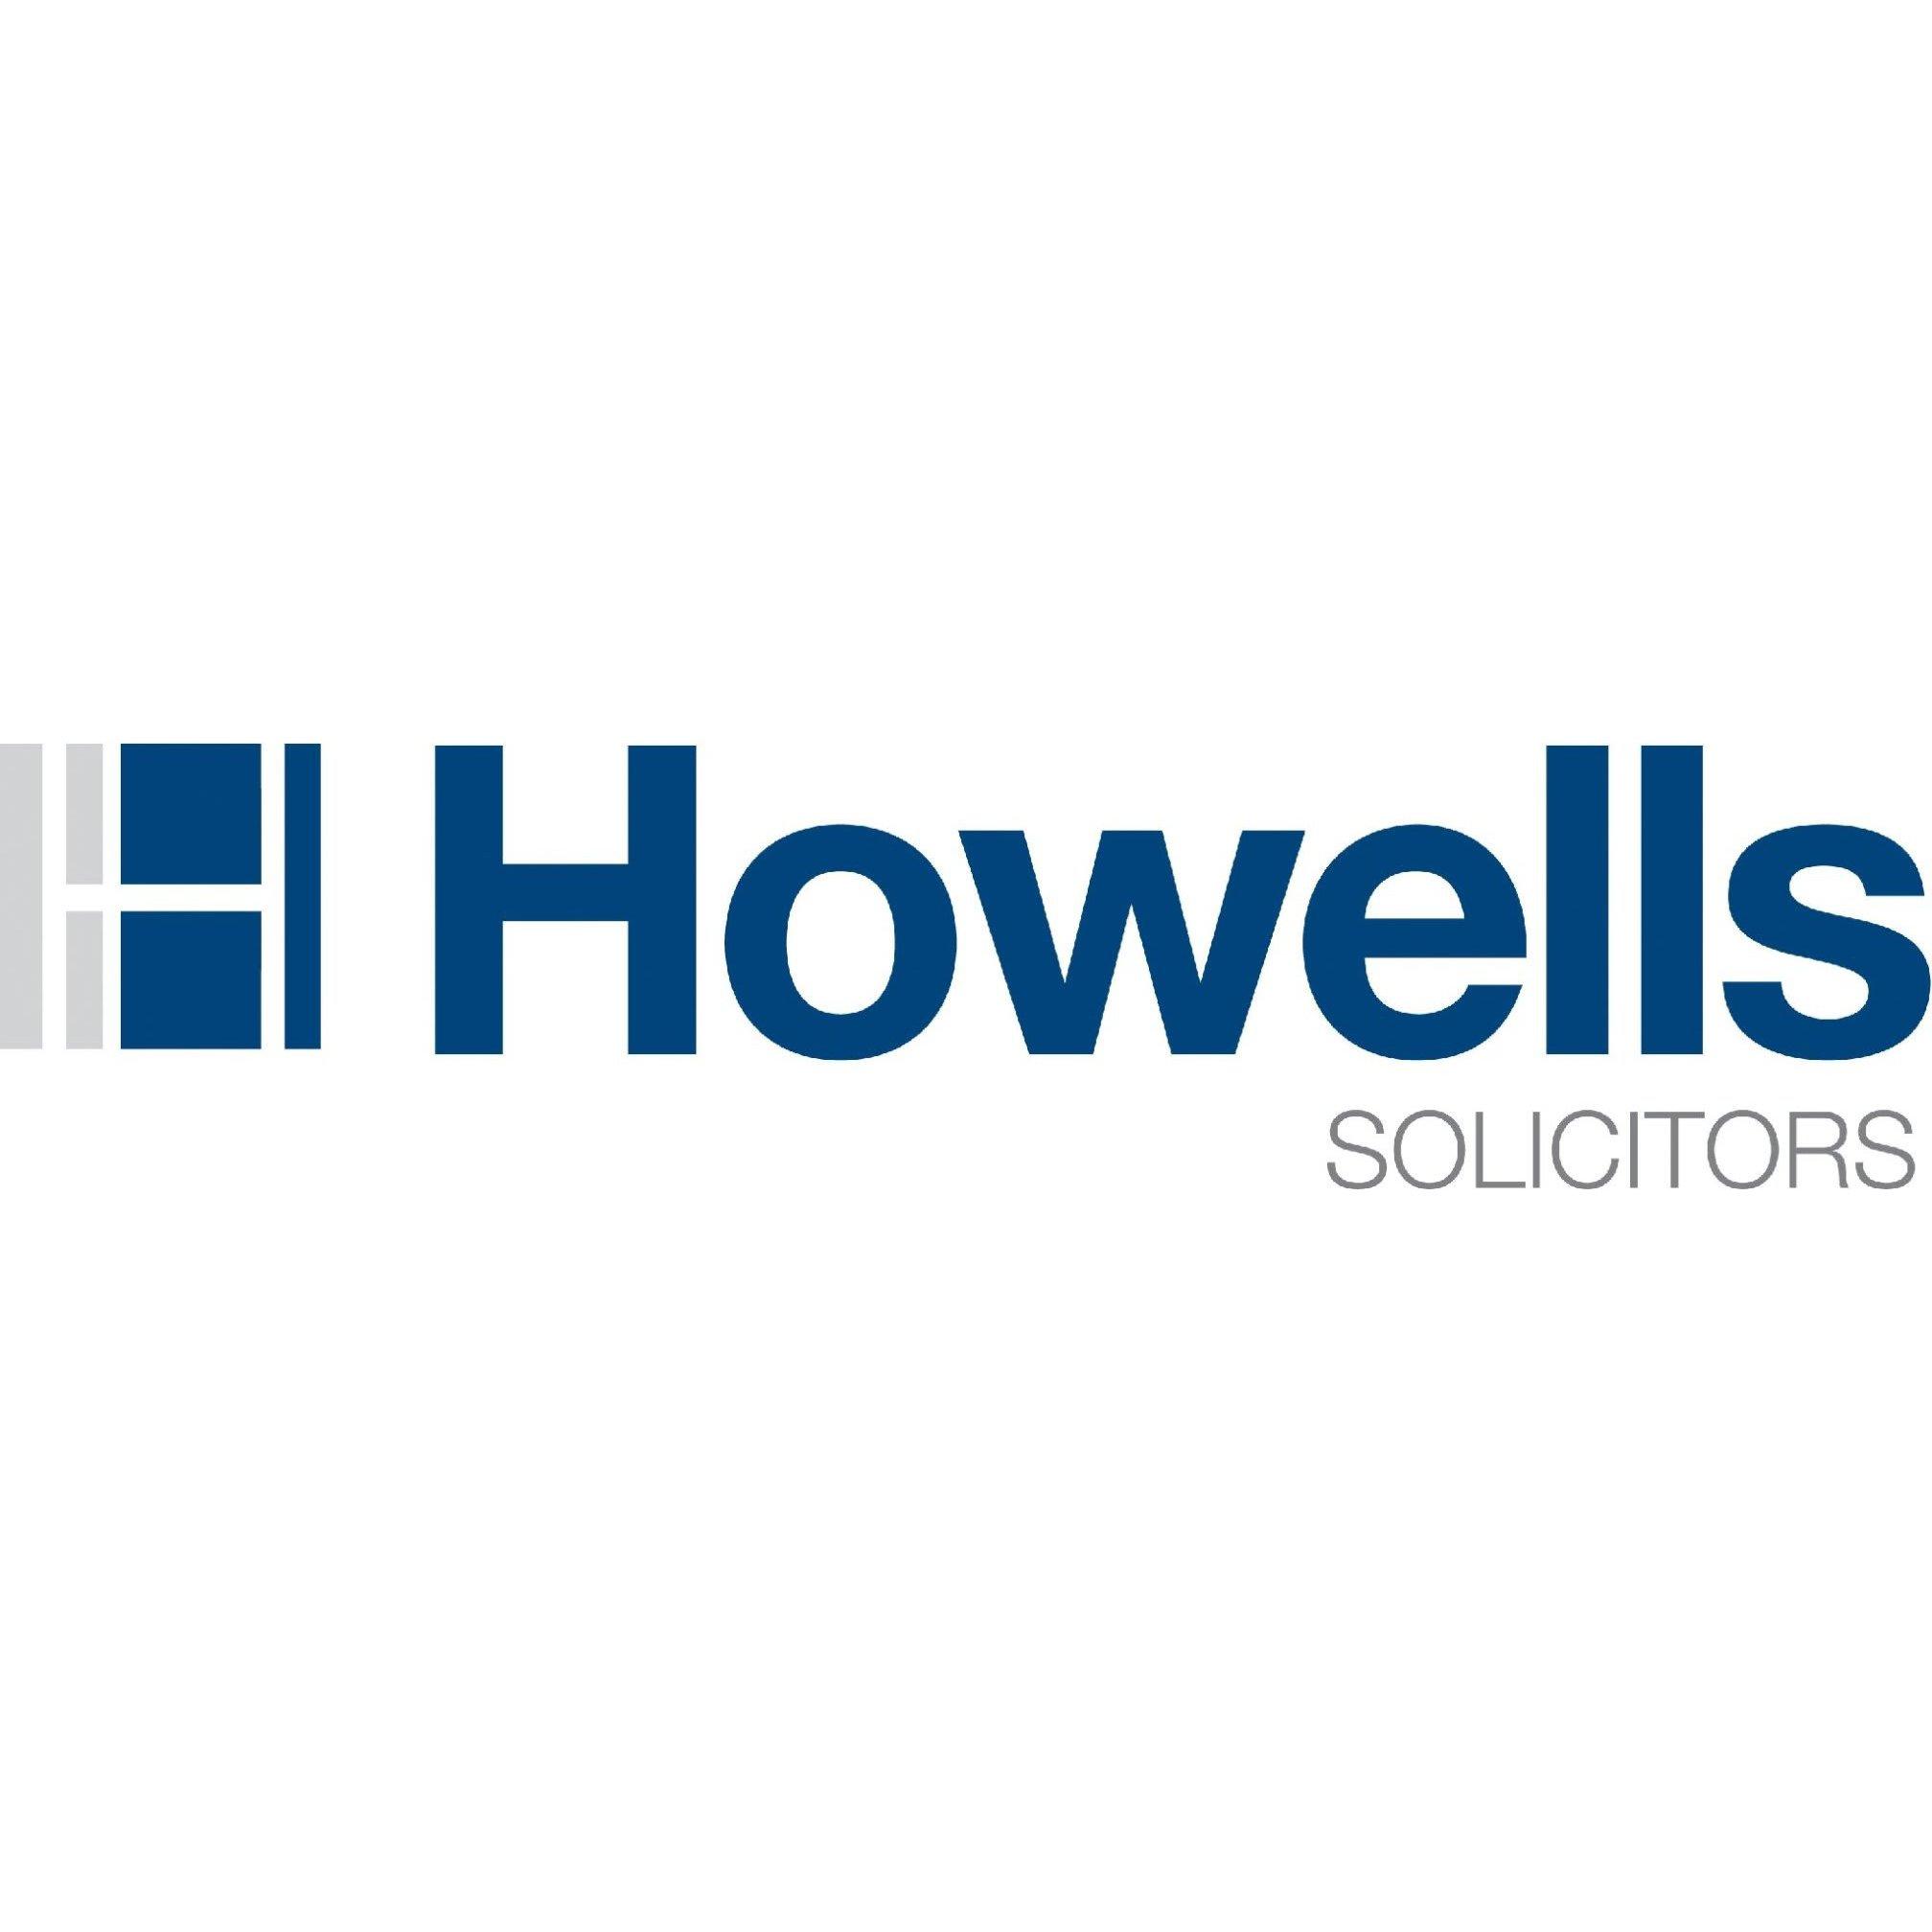 Howells Solicitors Newport - Newport, Gwent NP20 4BG - 01633 227960 | ShowMeLocal.com